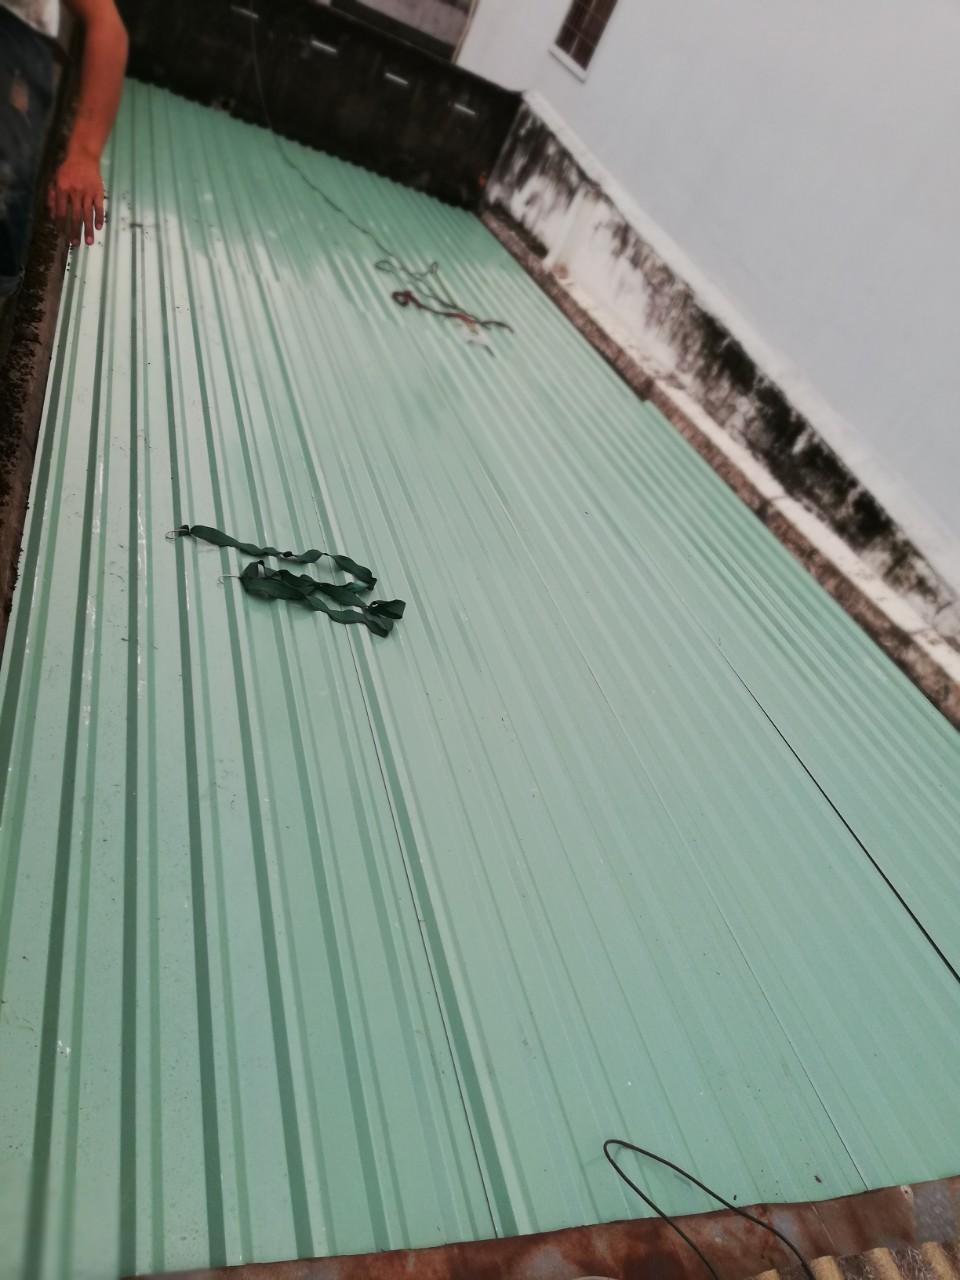 lợp mái tôn quận Phú Nhuận làm mái tôn giá rẻ tphcm chống dột mái tôn